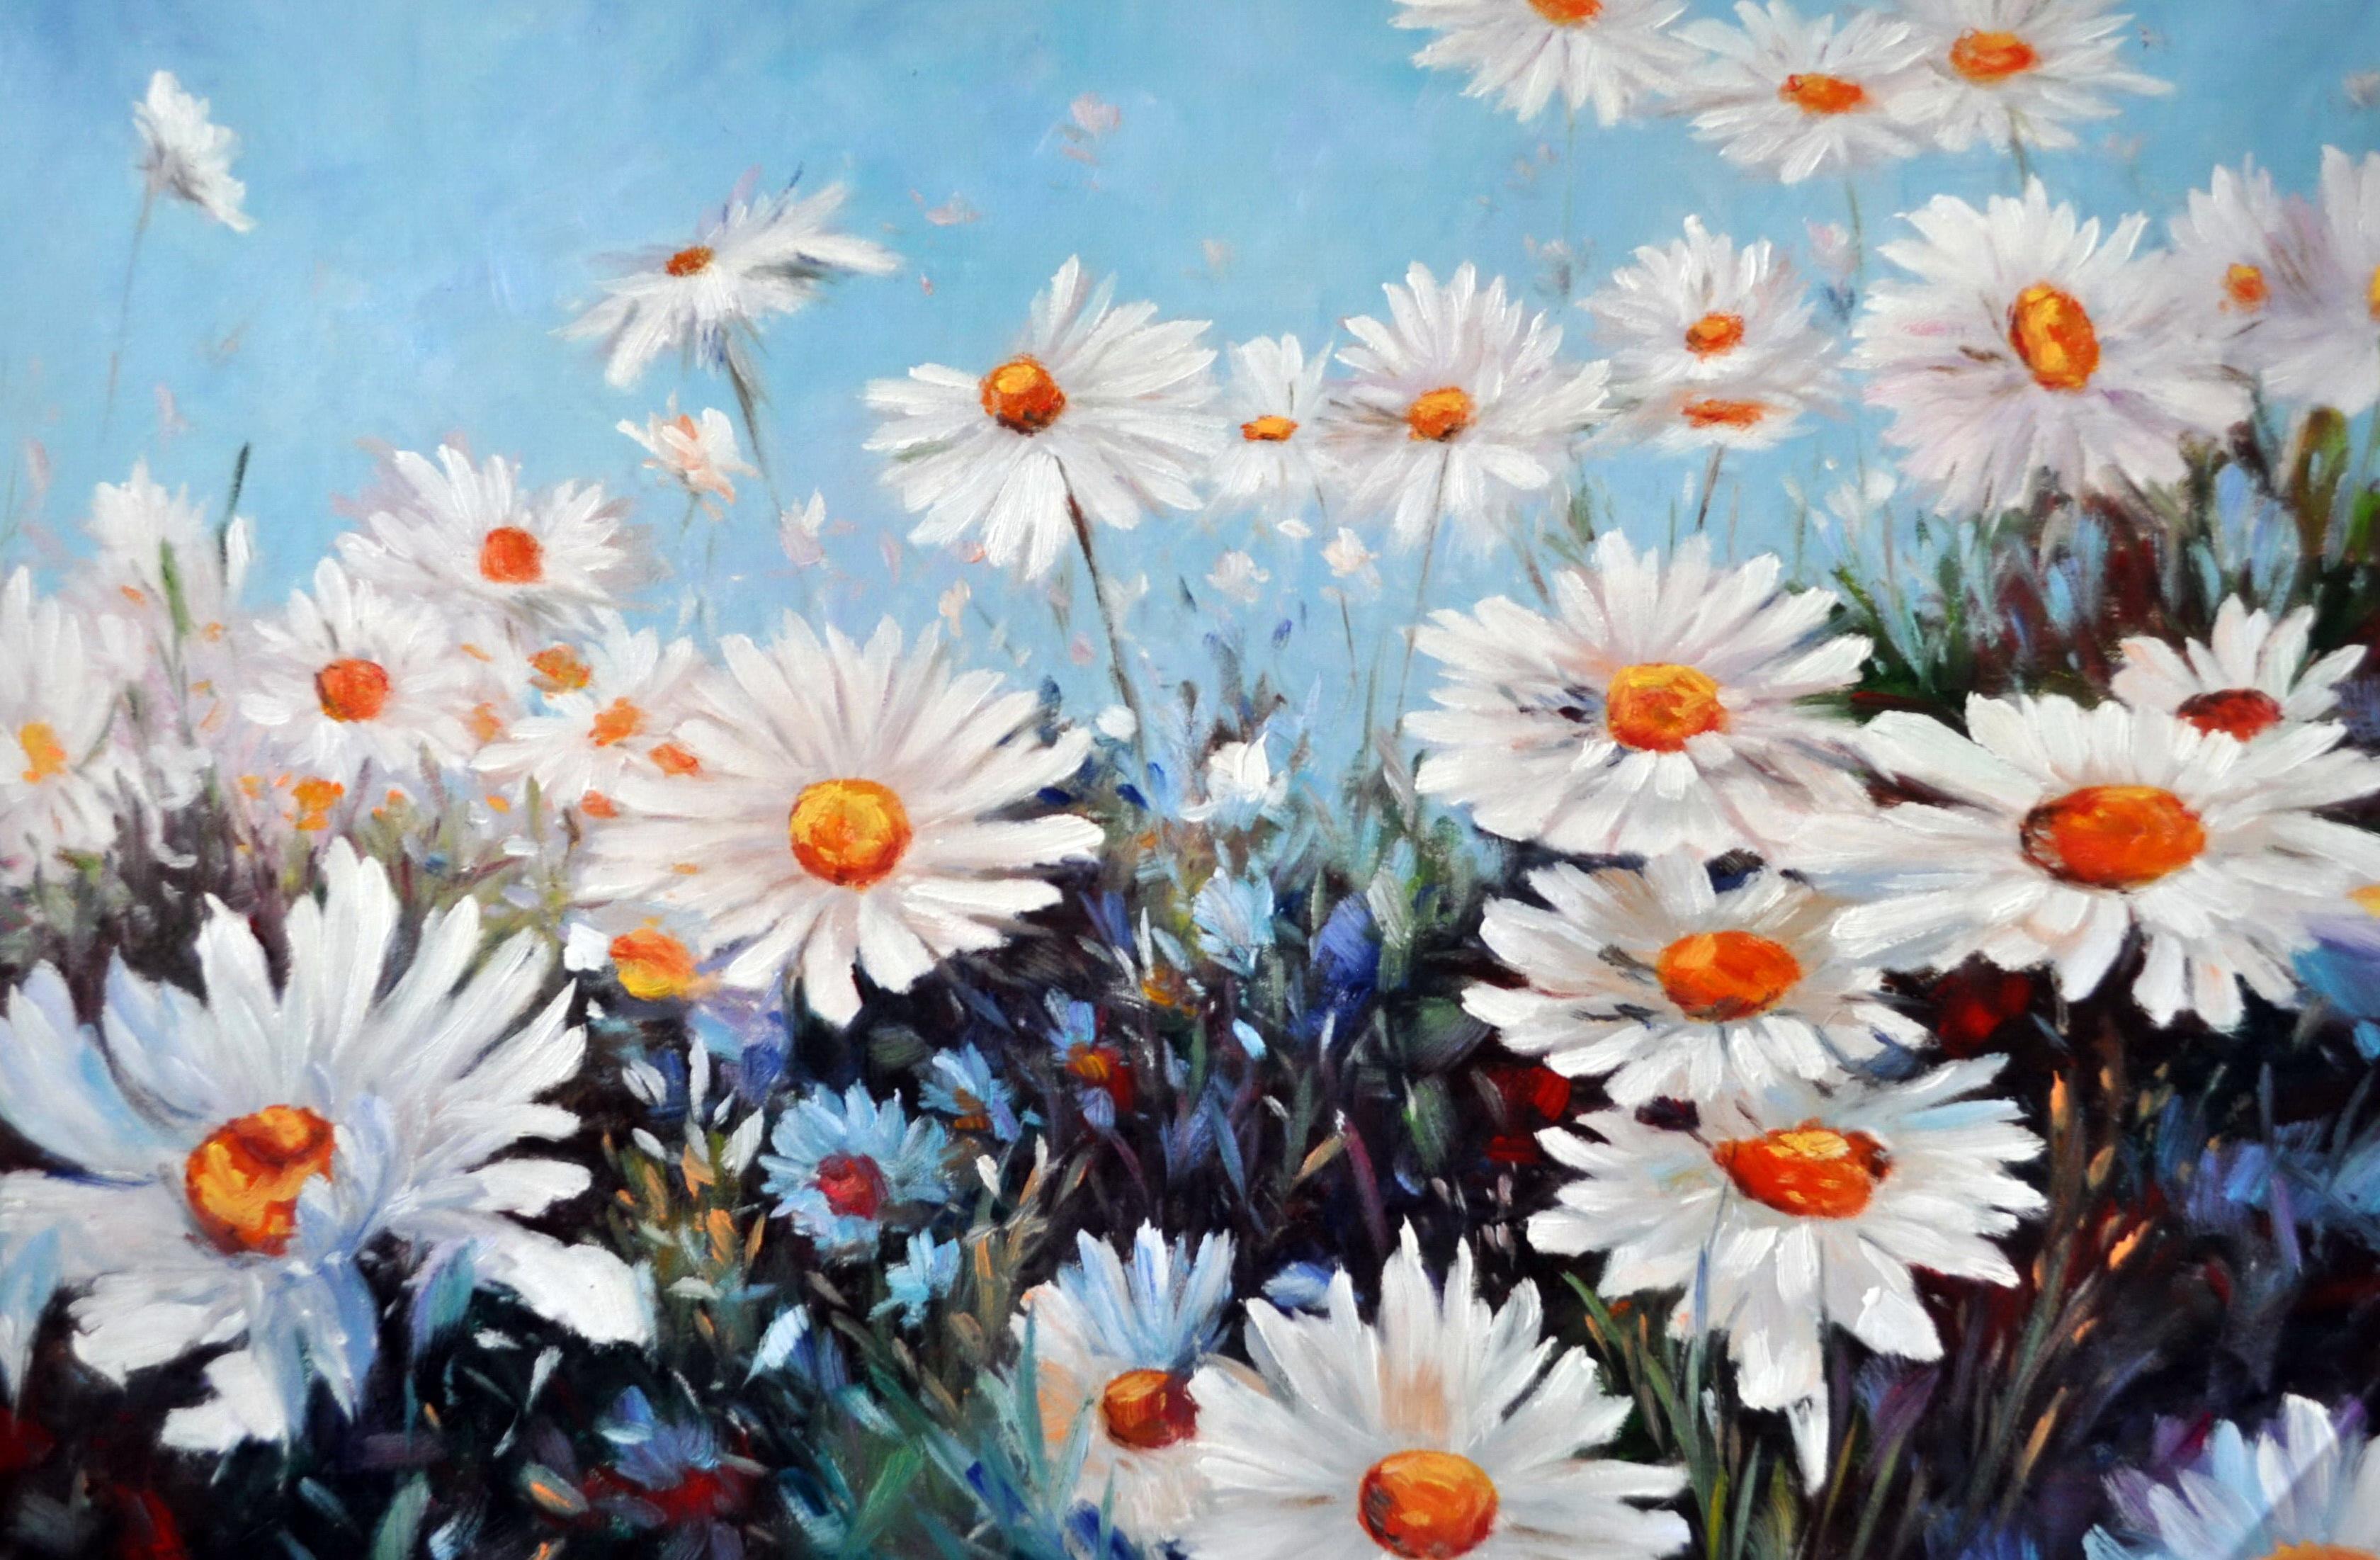 «Ромашковые поля» картина 60х90 9ц027